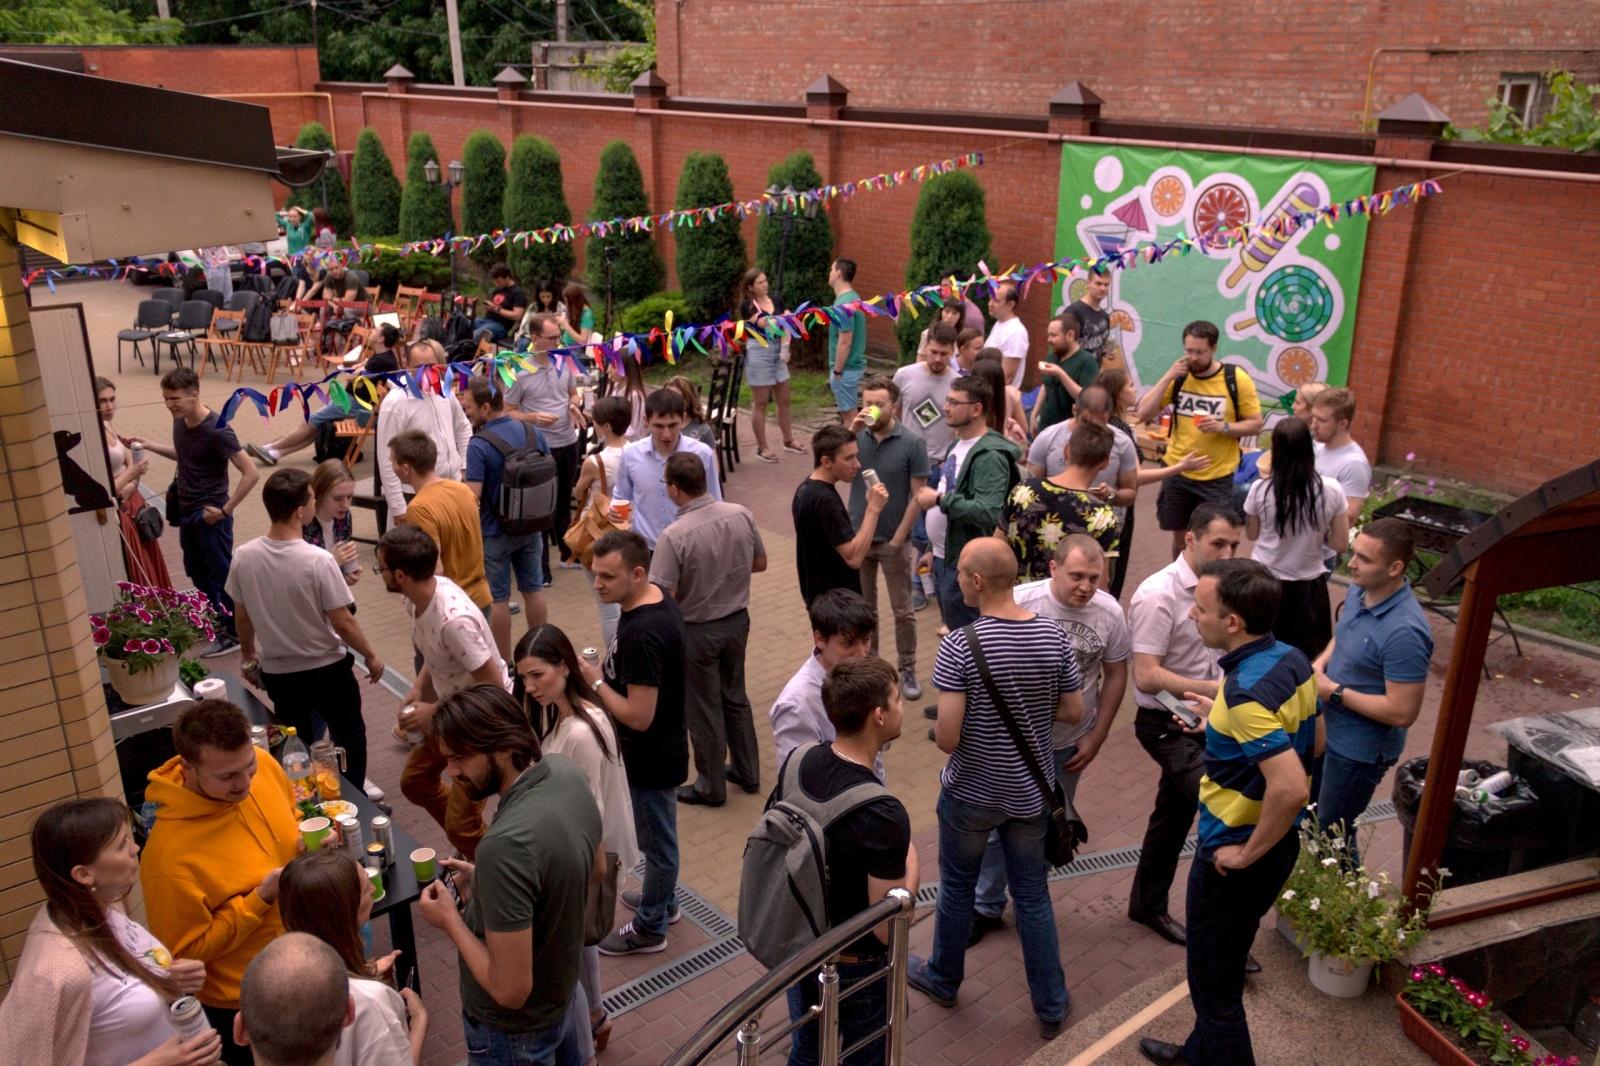 Ростов-на-Дону: IT-компании, сообщества и мероприятия в 2019 году - 5